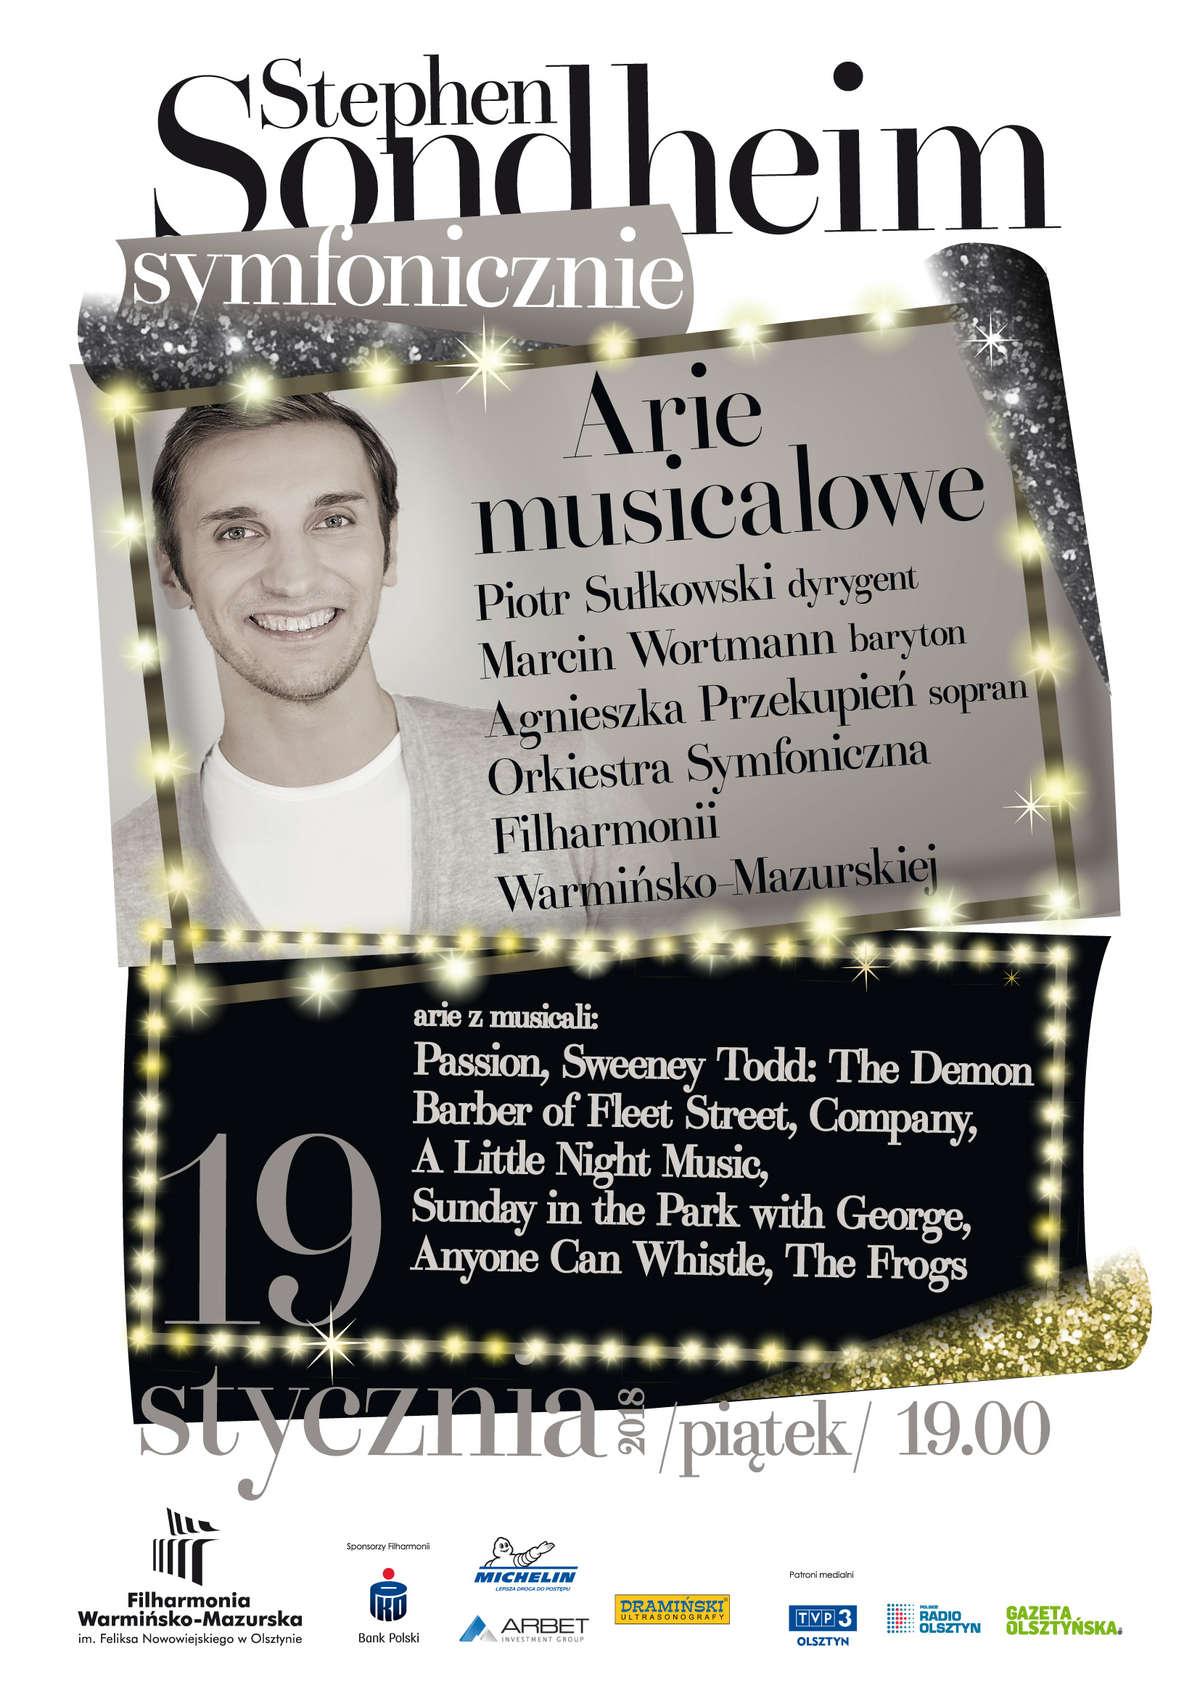 Sondheim symfonicznie - full image